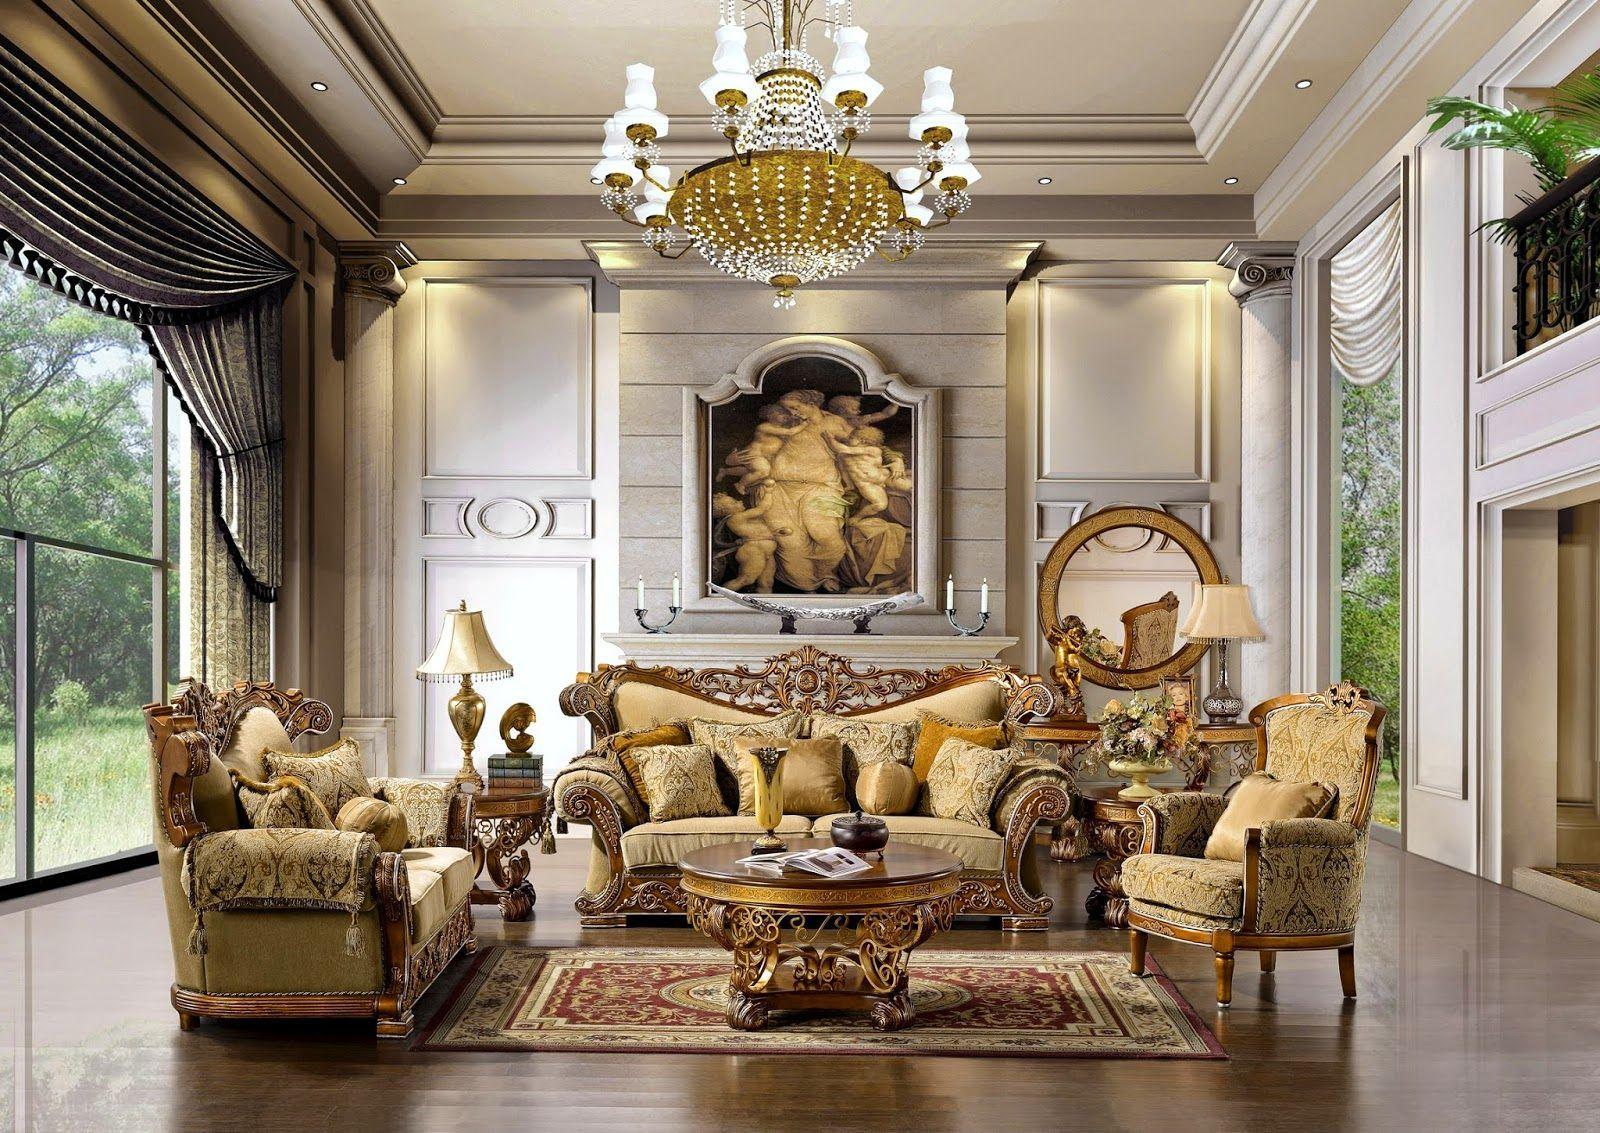 Beleuchtung für die unterputzmontage im esszimmer holz möbel entwürfe für wohnzimmer  fügen sie eine variation von